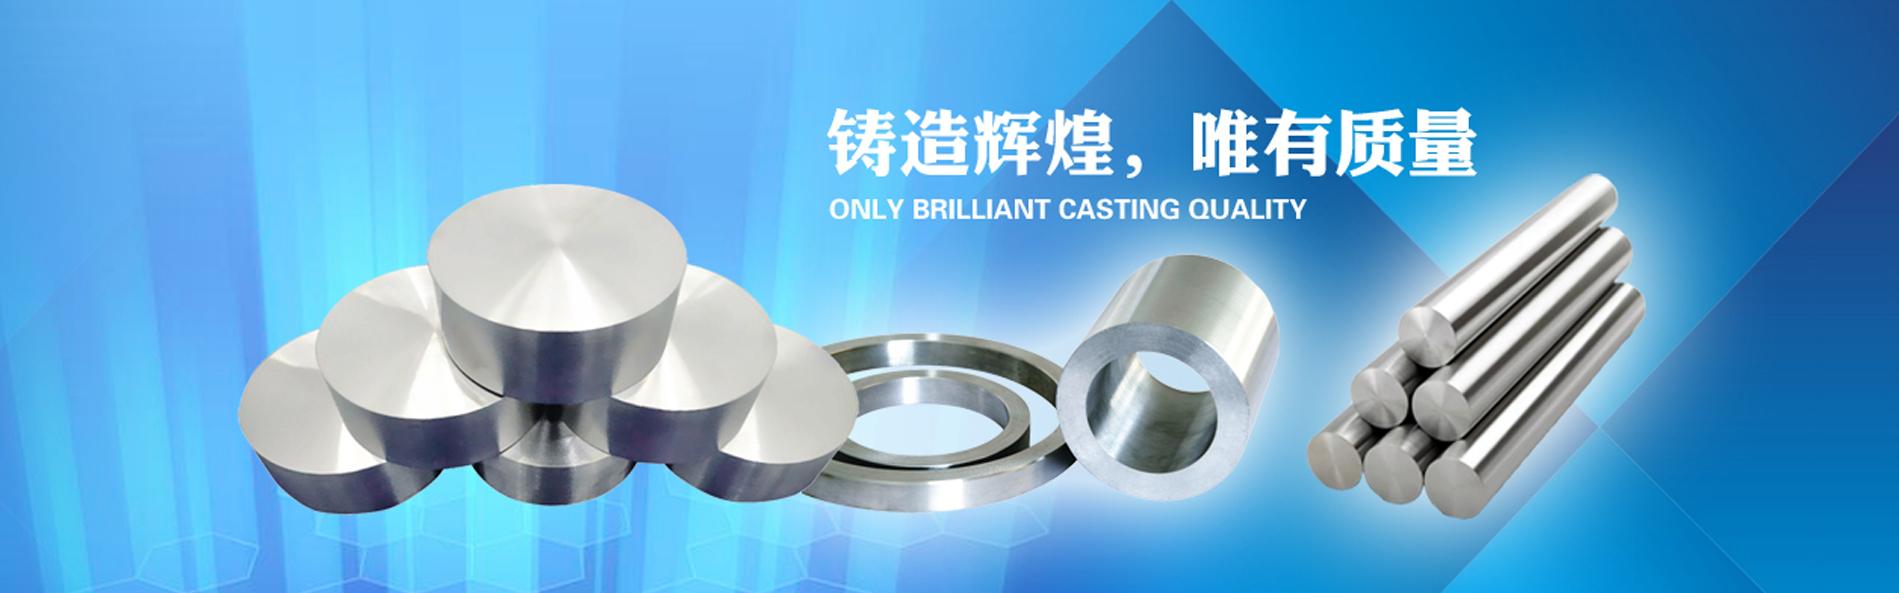 钛合金厂家 钛合金锻件加工